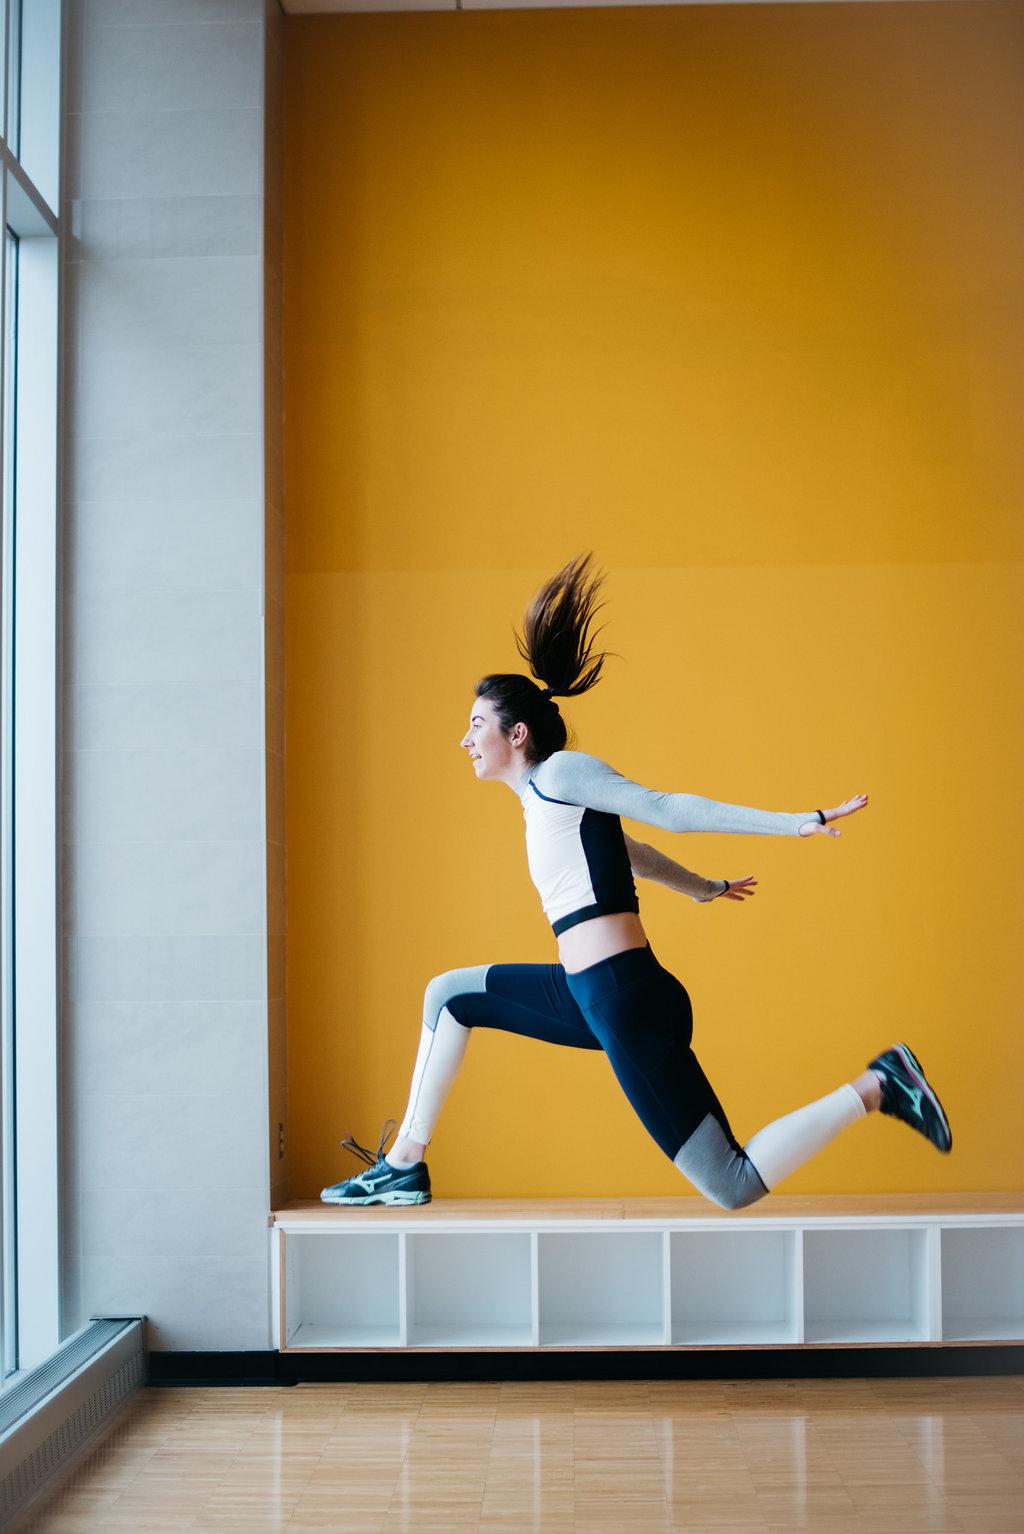 Stephanie_workout-8.jpg